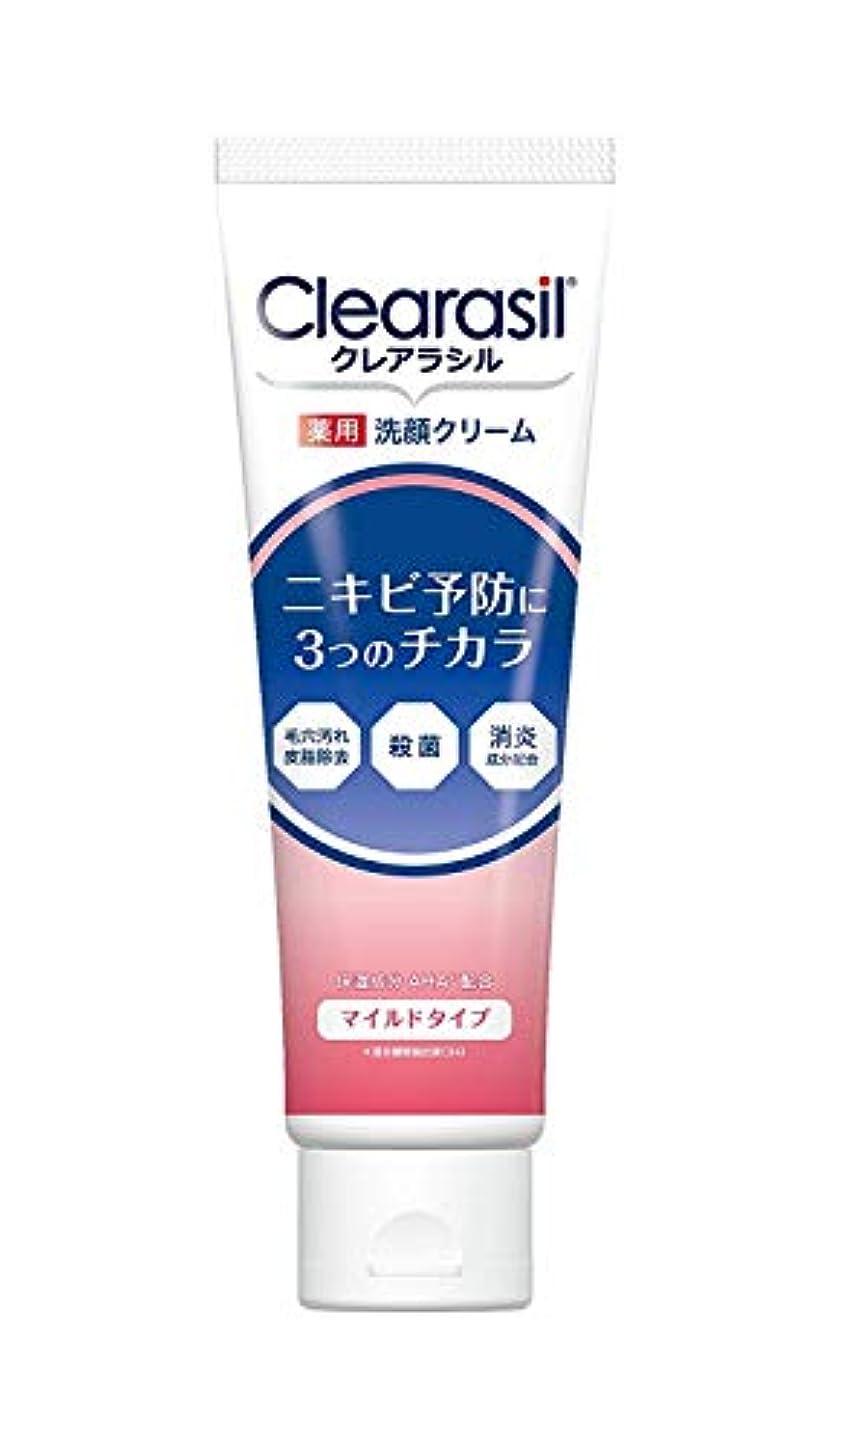 納屋団結音節クレアラシル薬用 洗顔クリーム マイルドタイプ 120g